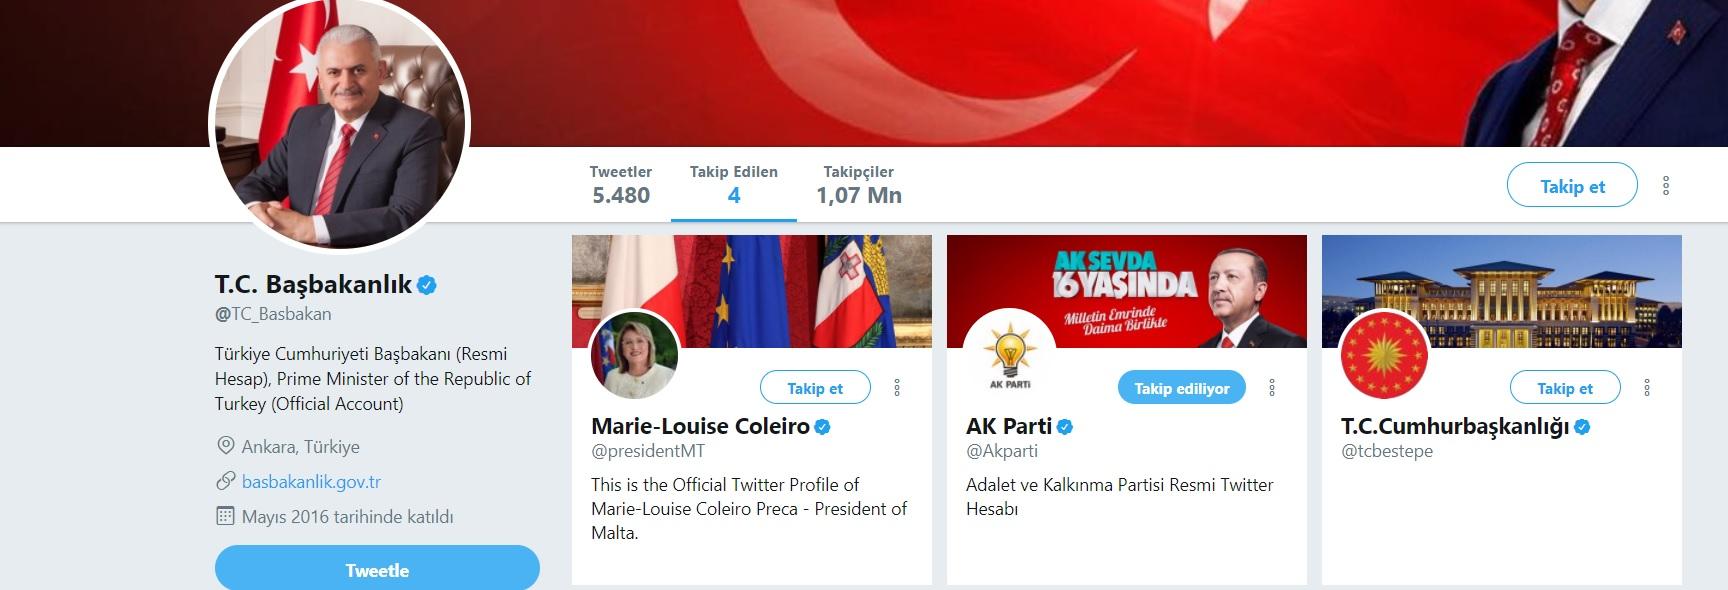 Paradise Papers sonrası Binali Yıldırım'ın Twitter hesabında dikkat çeken ayrıntı